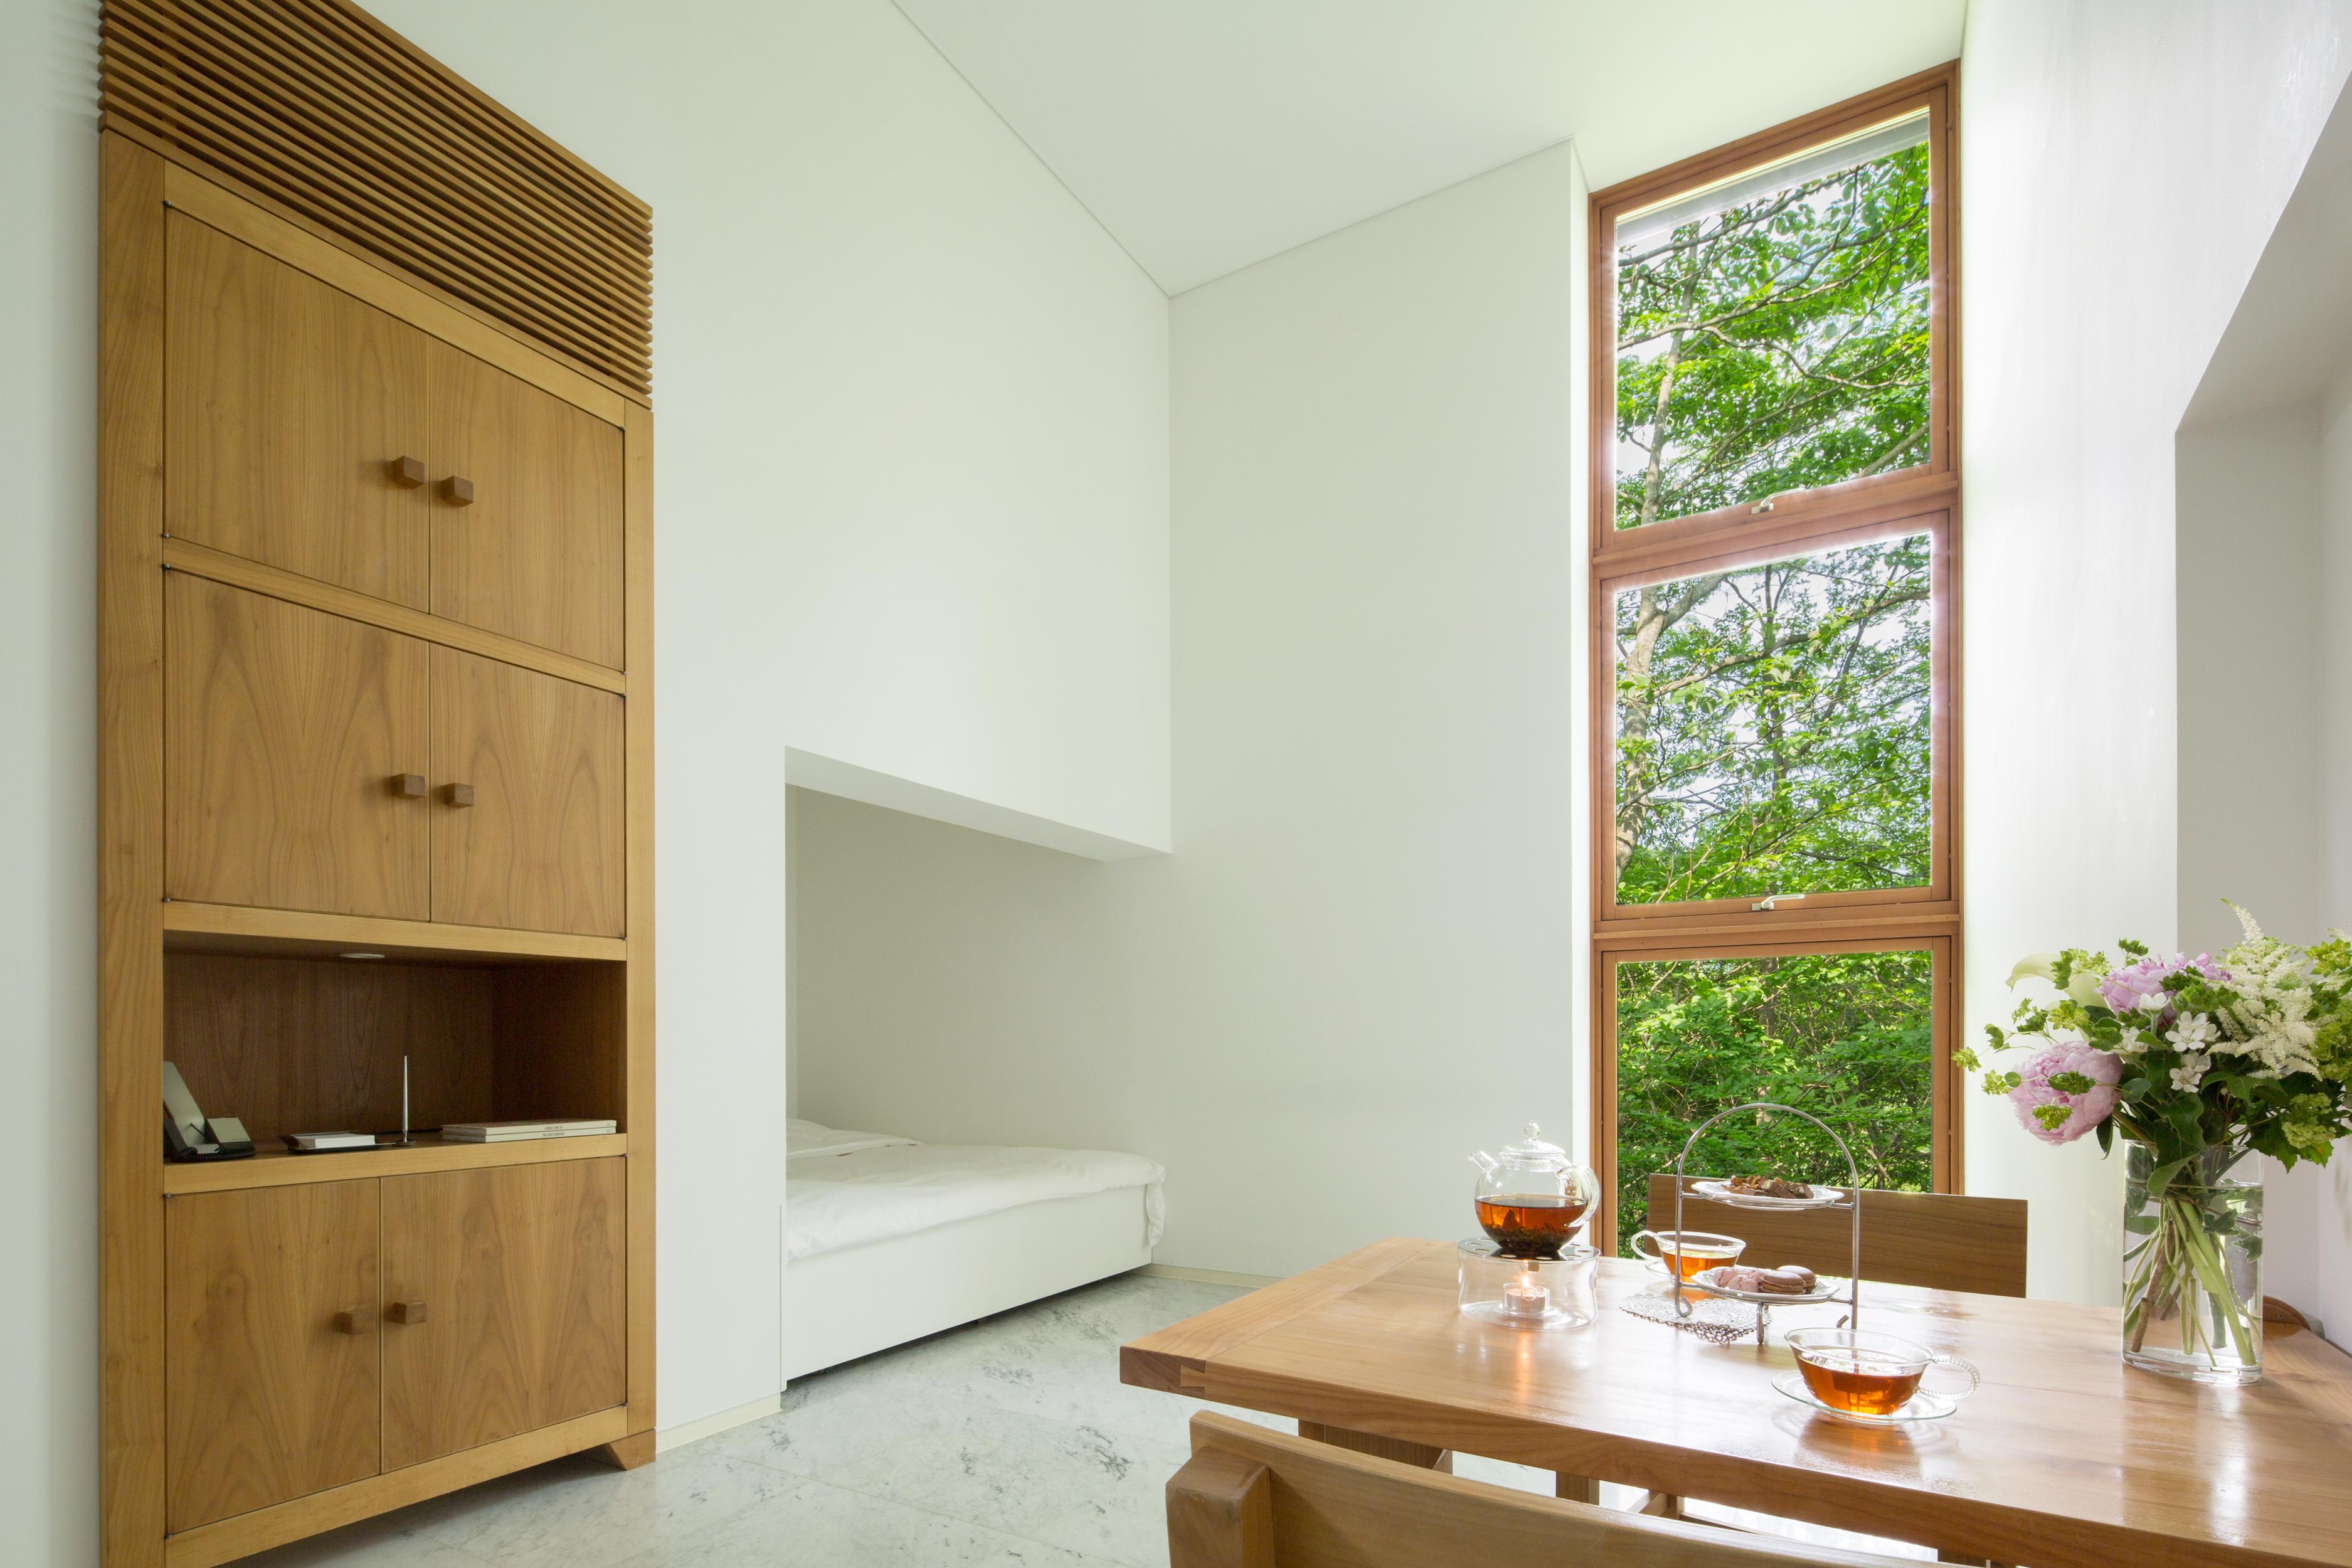 木立の中に佇む客室は、全て独立したコテージスタイル